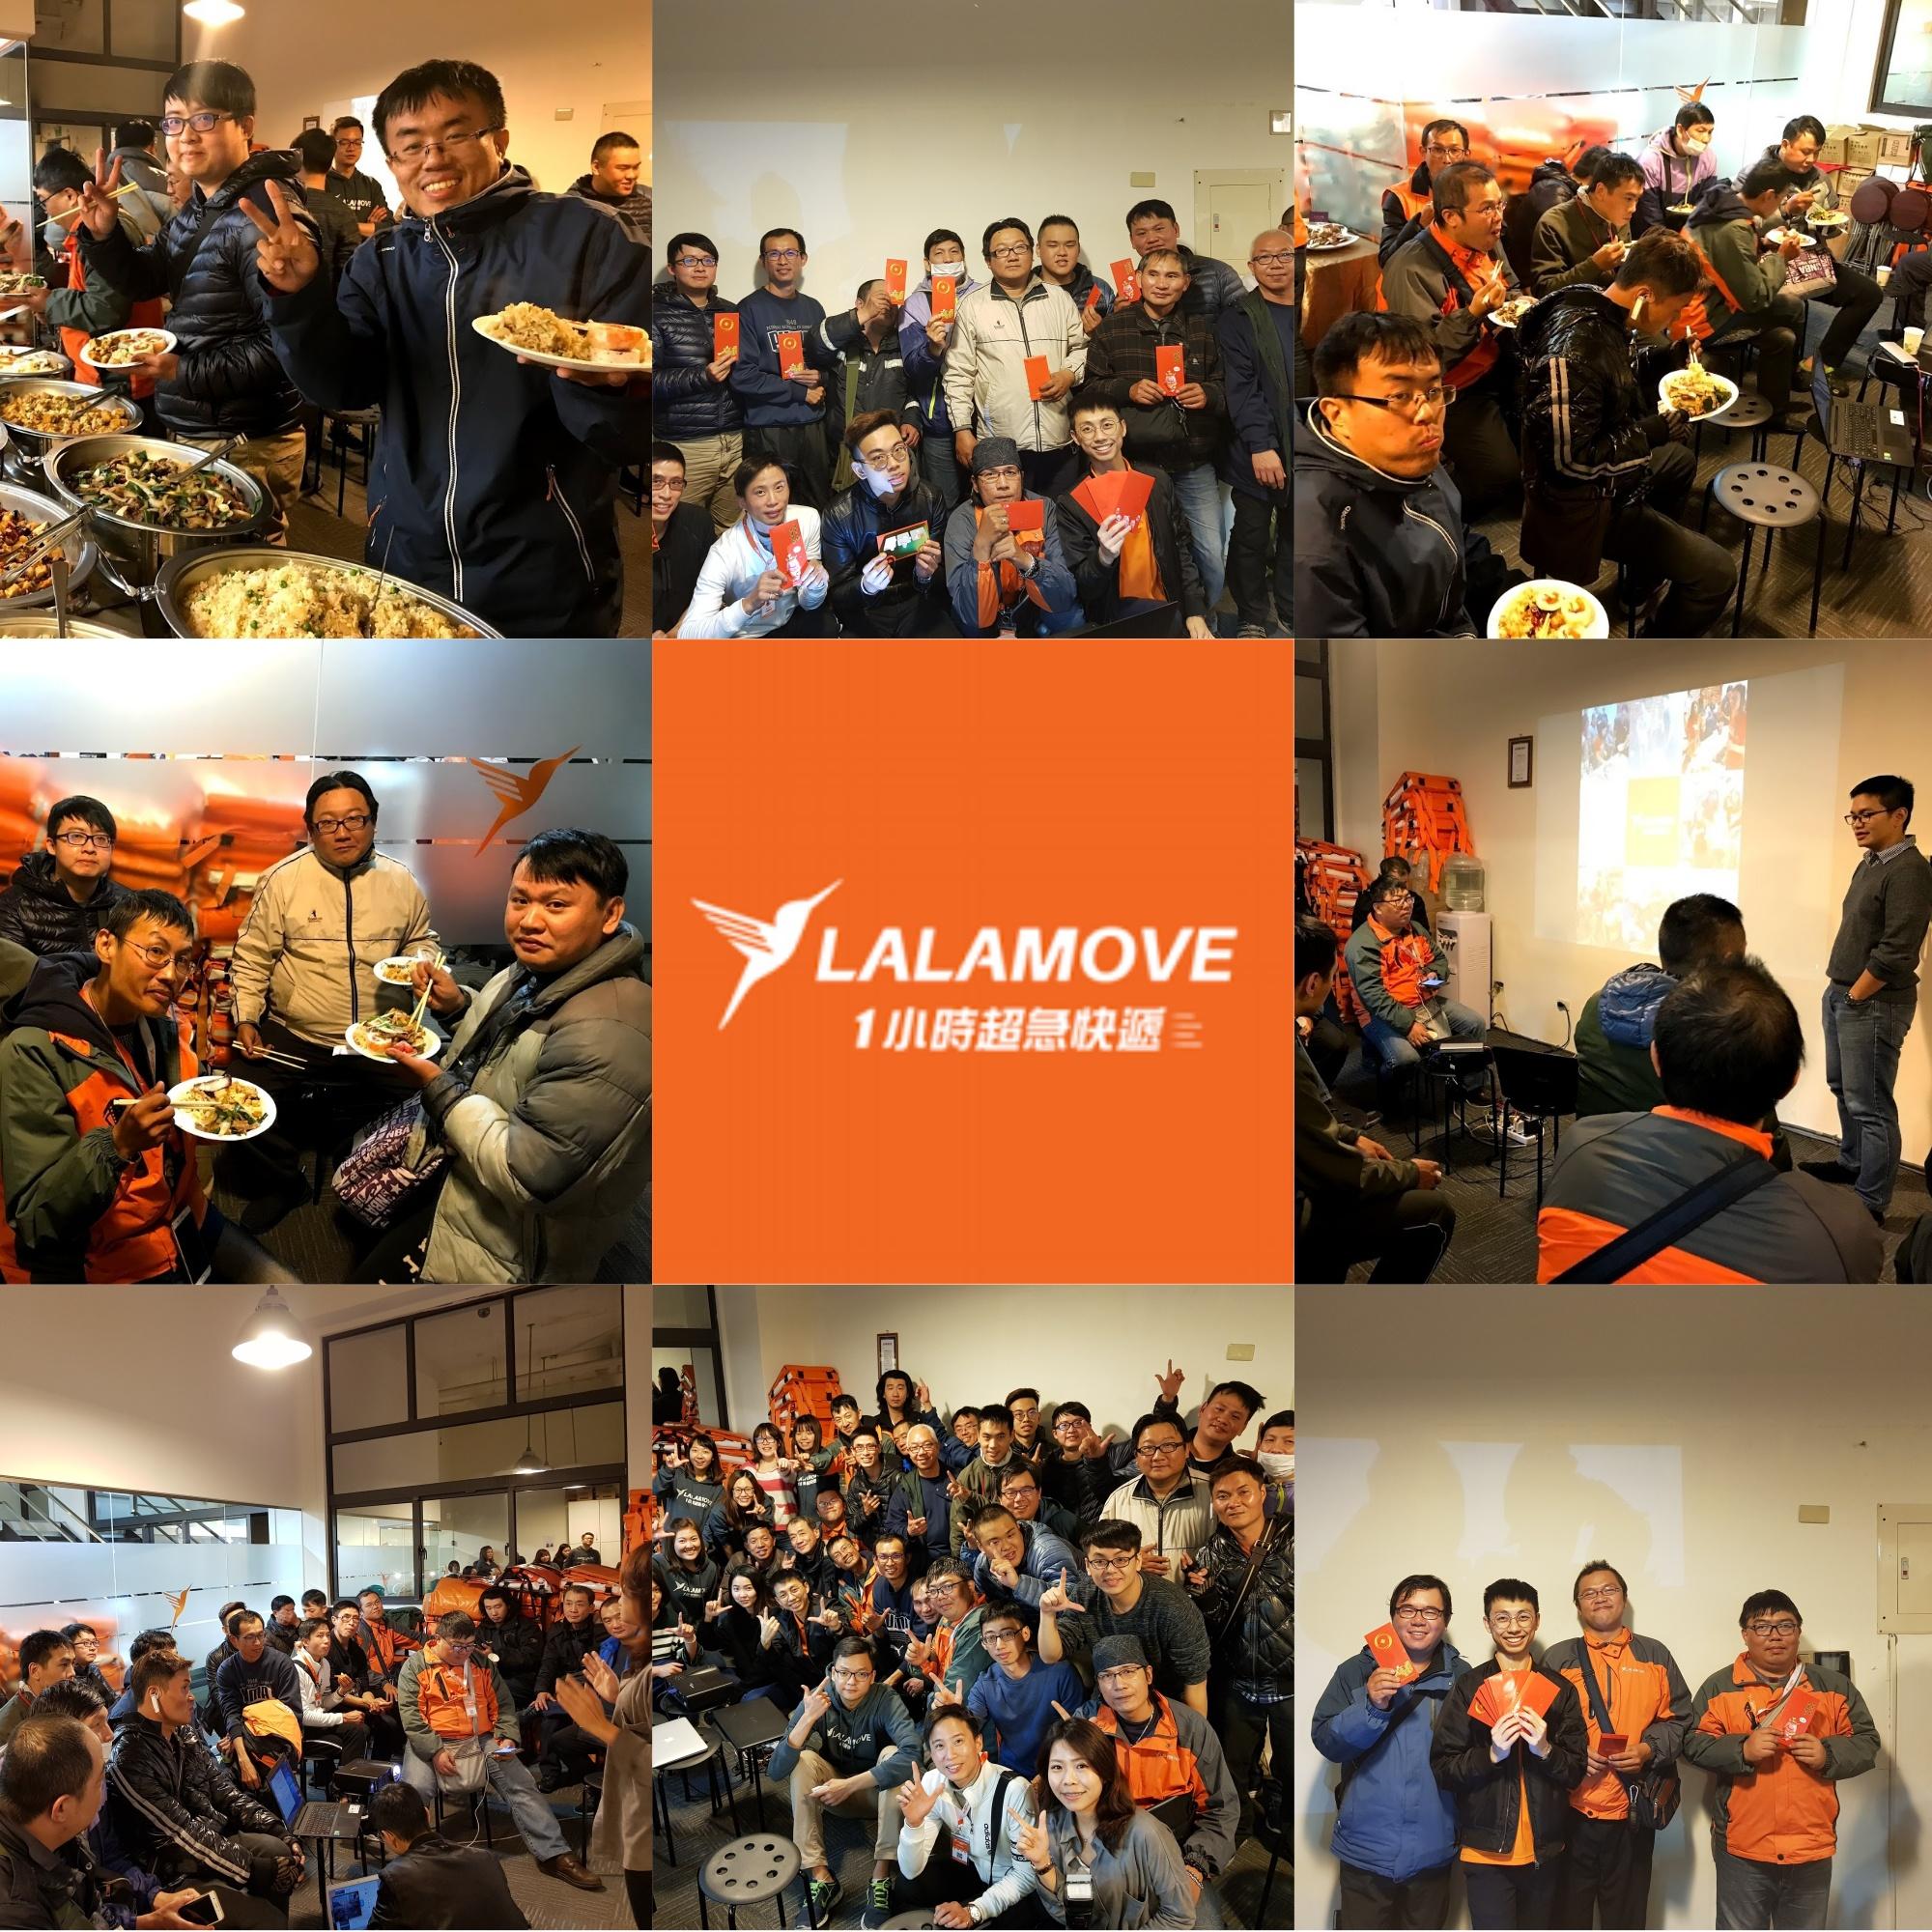 【夥伴晉升】Lalamove菁英夥伴計畫 - 201807